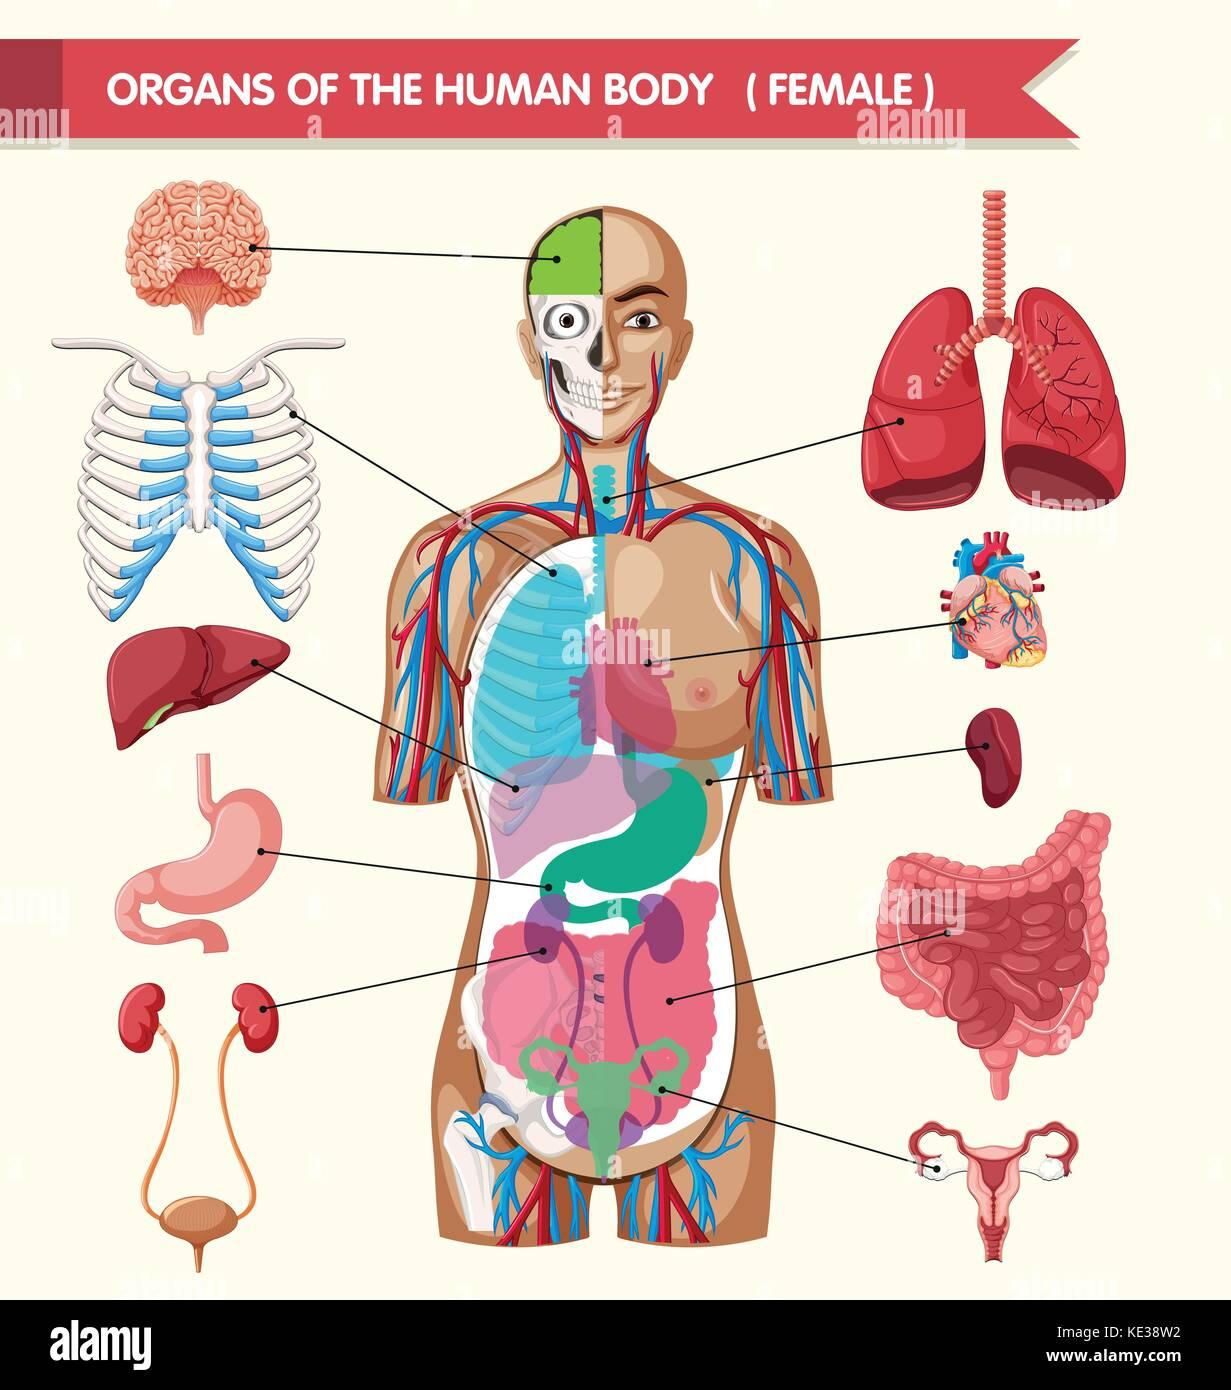 Anatomy body diagram